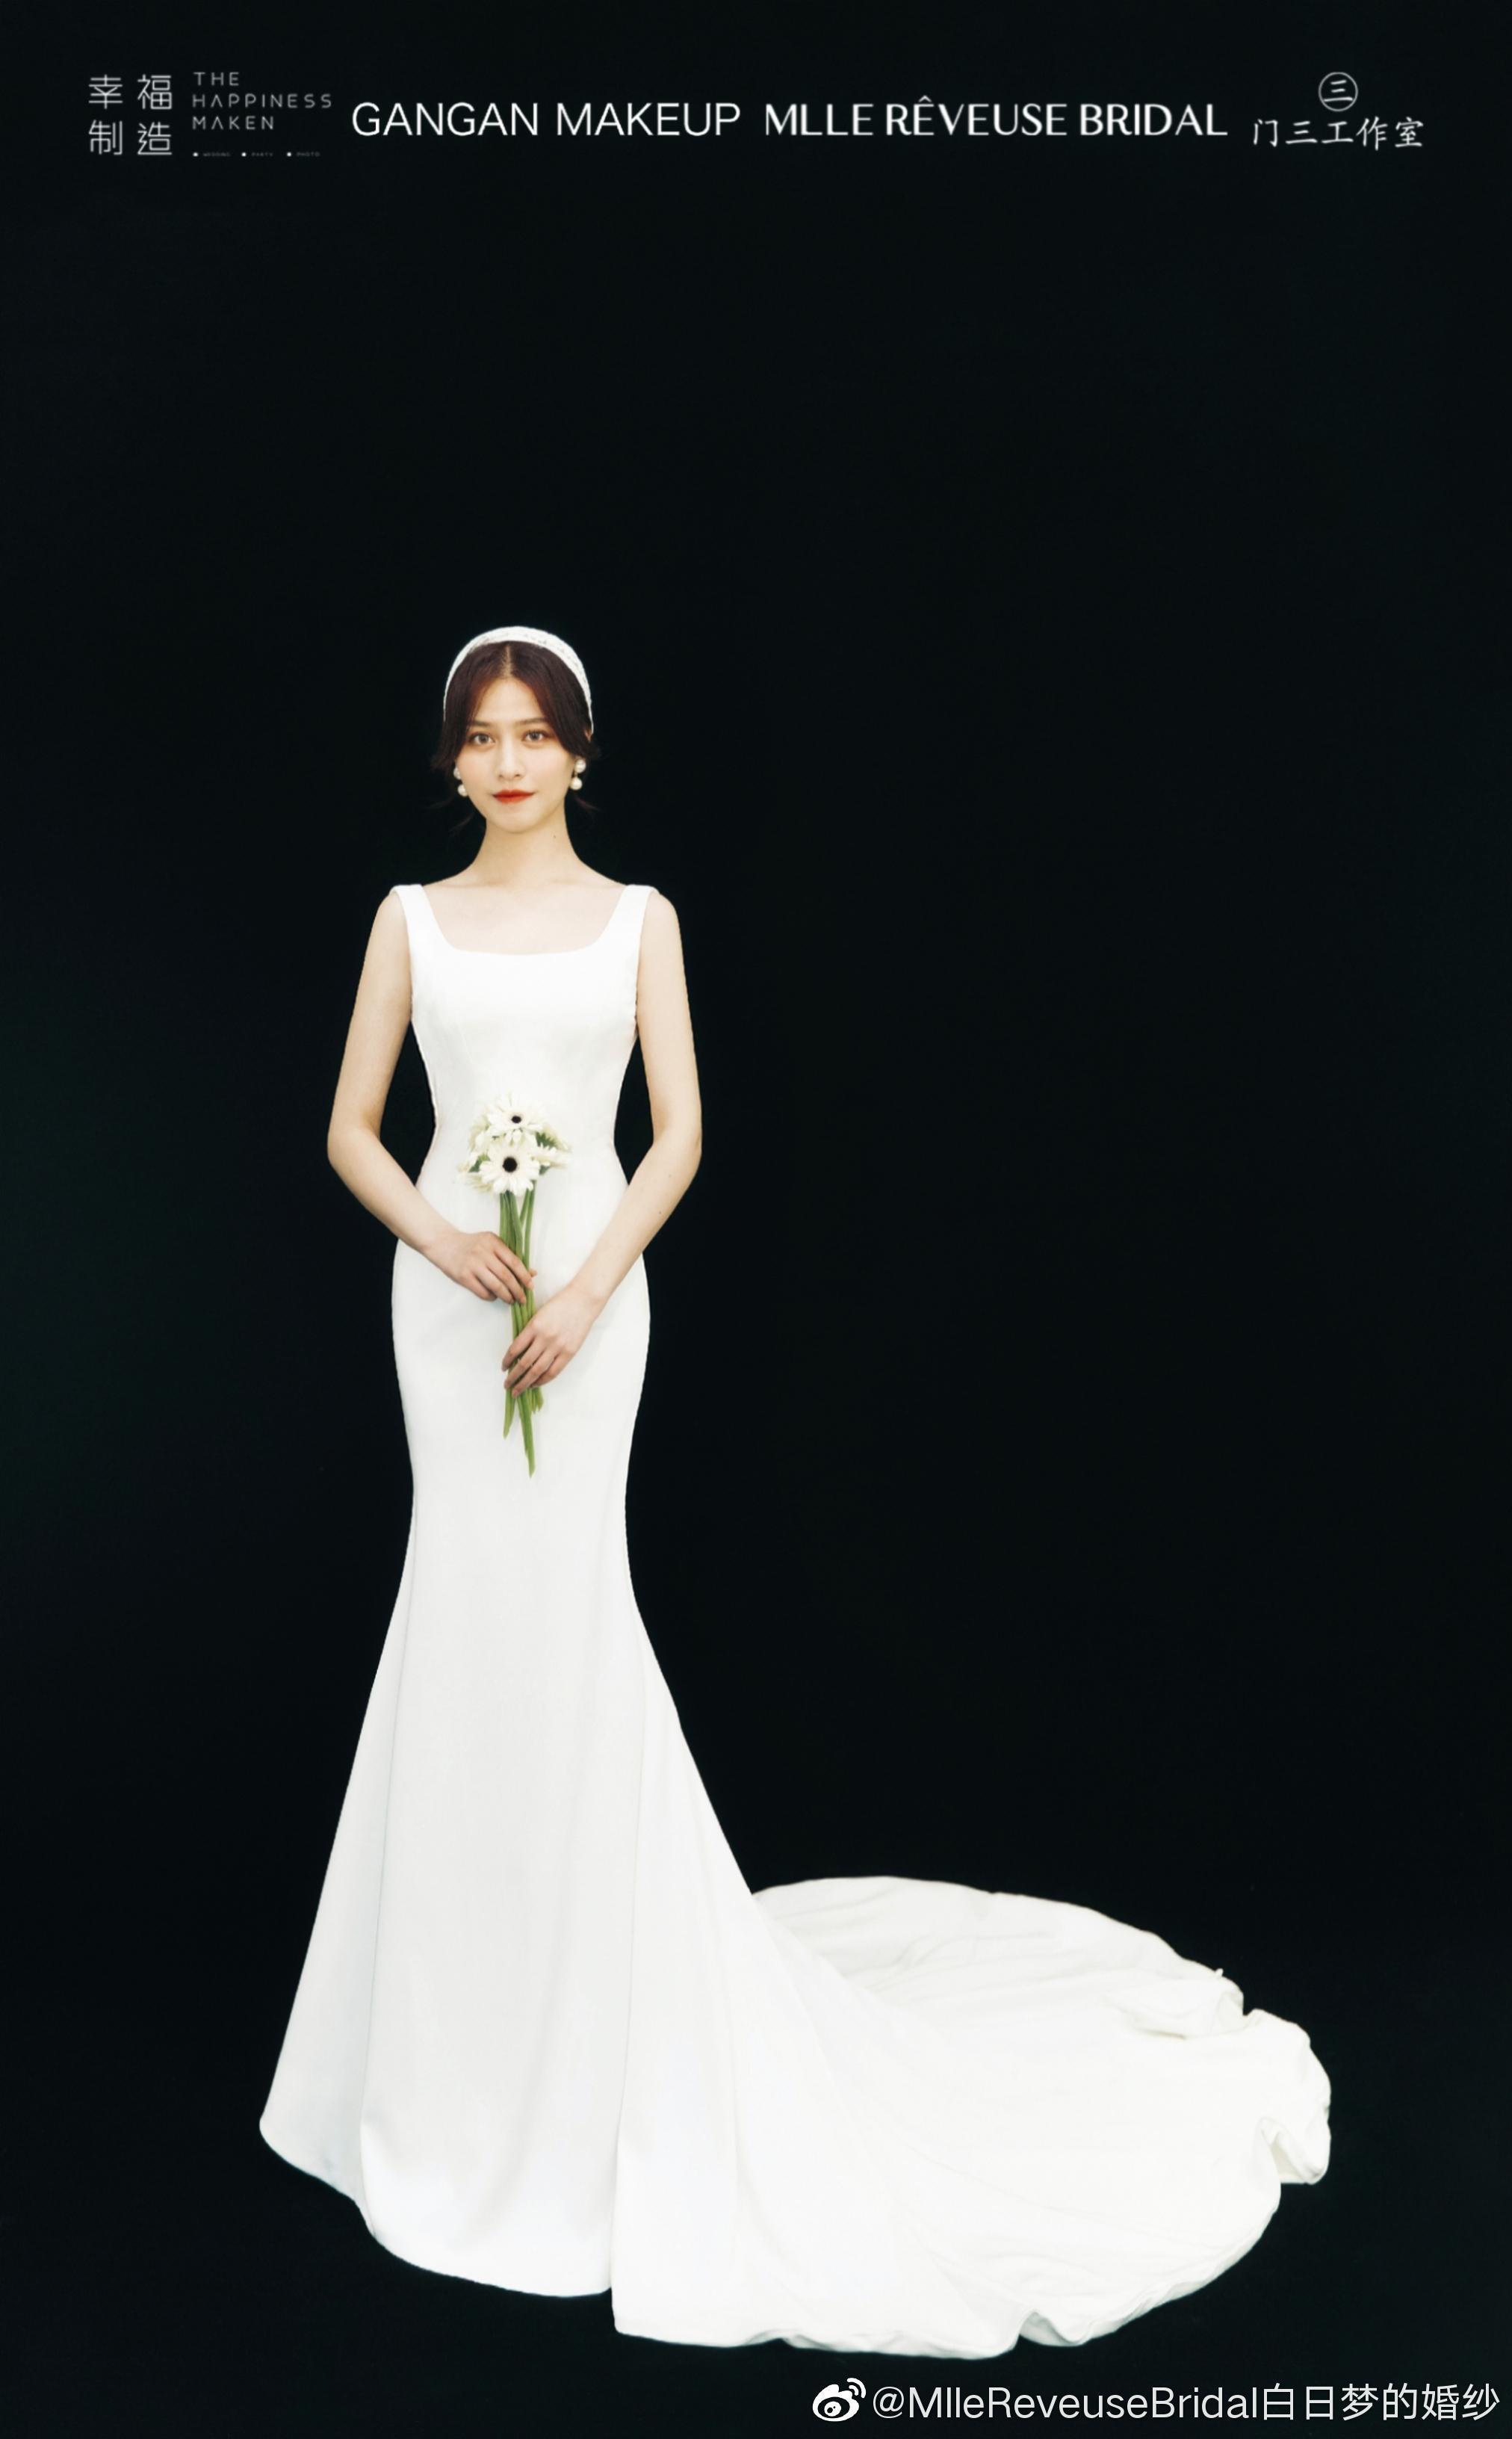 穿上婚纱的你梦幻且闪耀